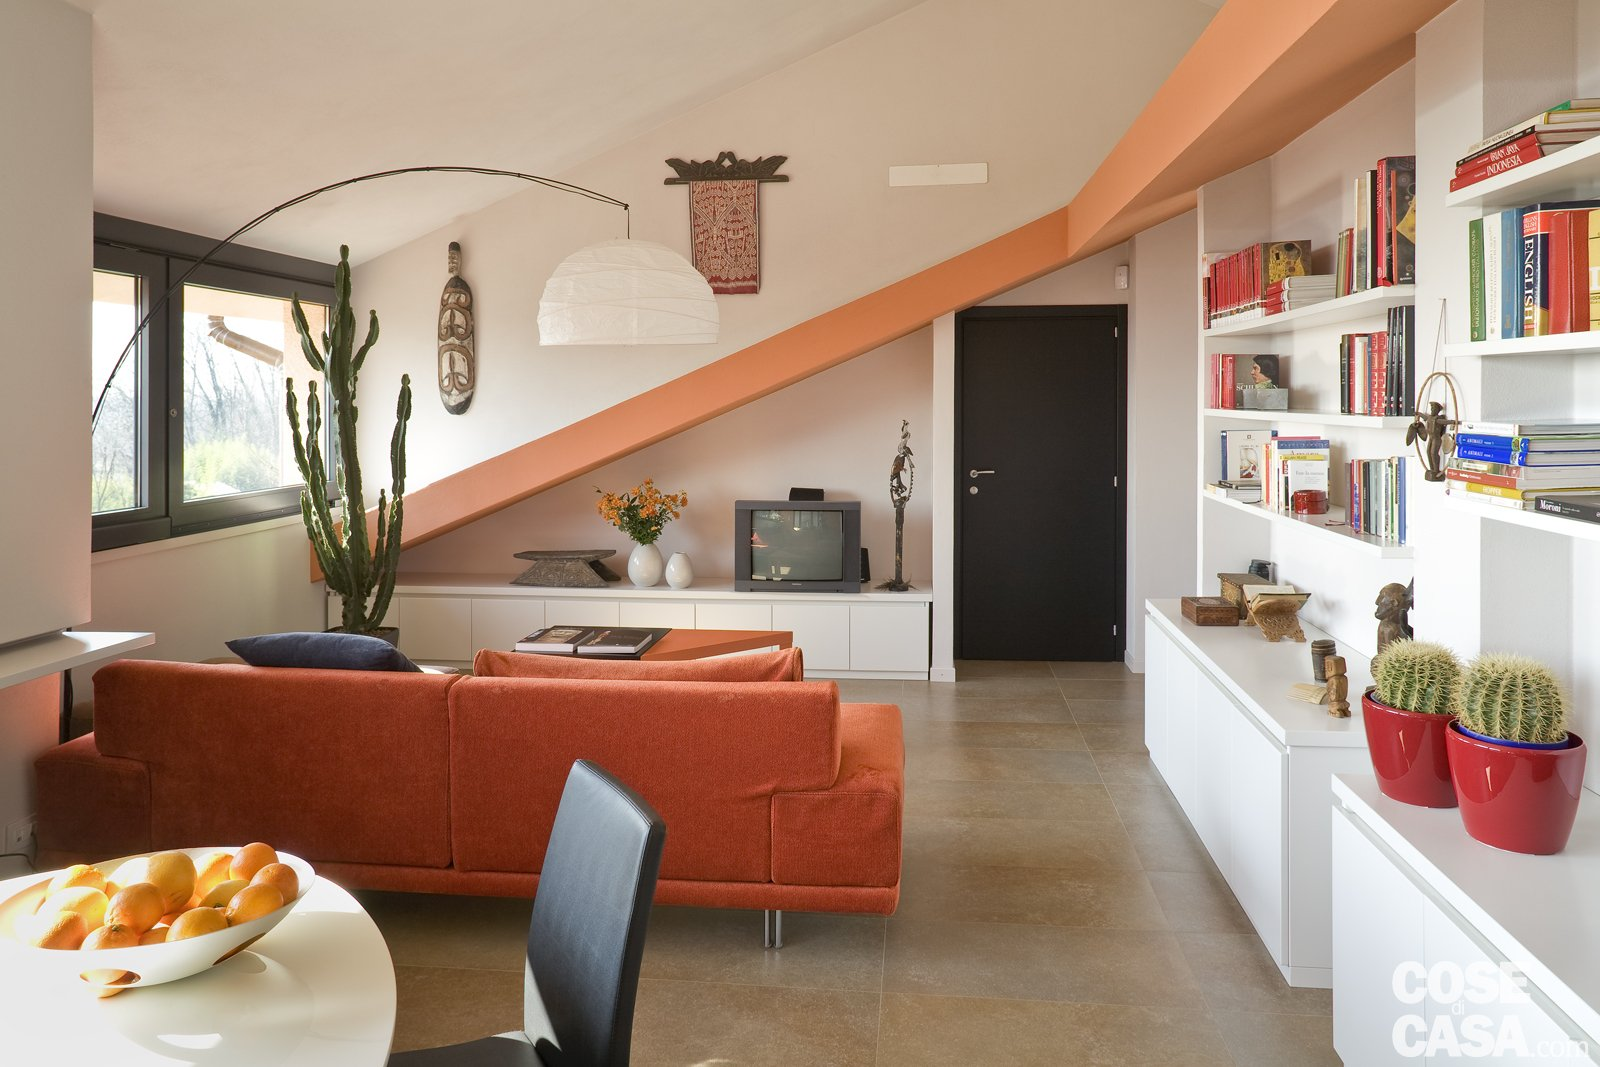 Casa in mansarda con le soluzioni giuste per gli spazi - Soluzioni economiche per arredare casa ...